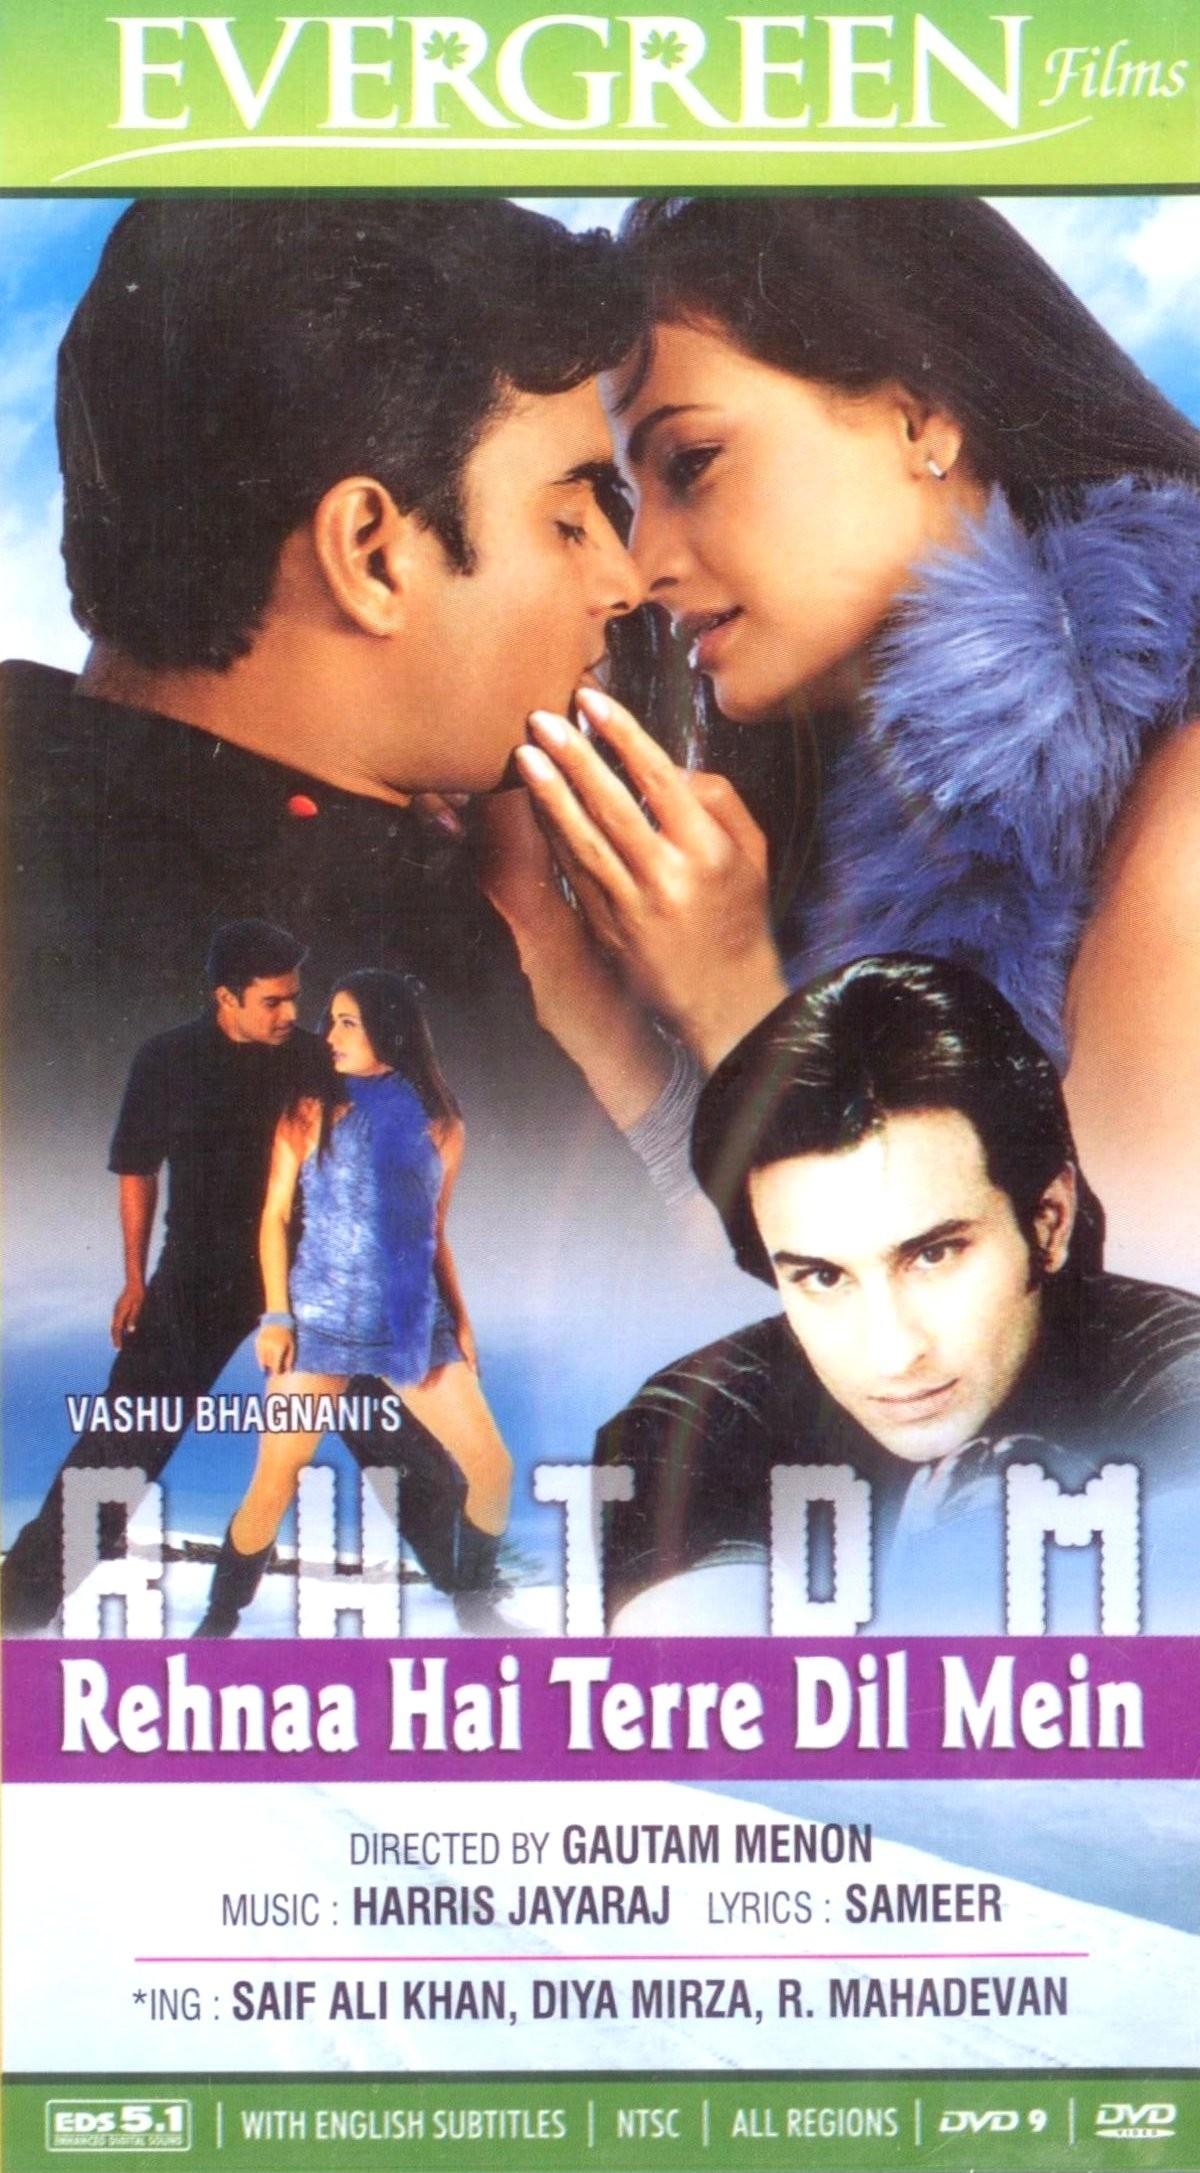 Ab Tere Bin Jee Lenge Hum - Aashiqui (1990) Movie Mp3